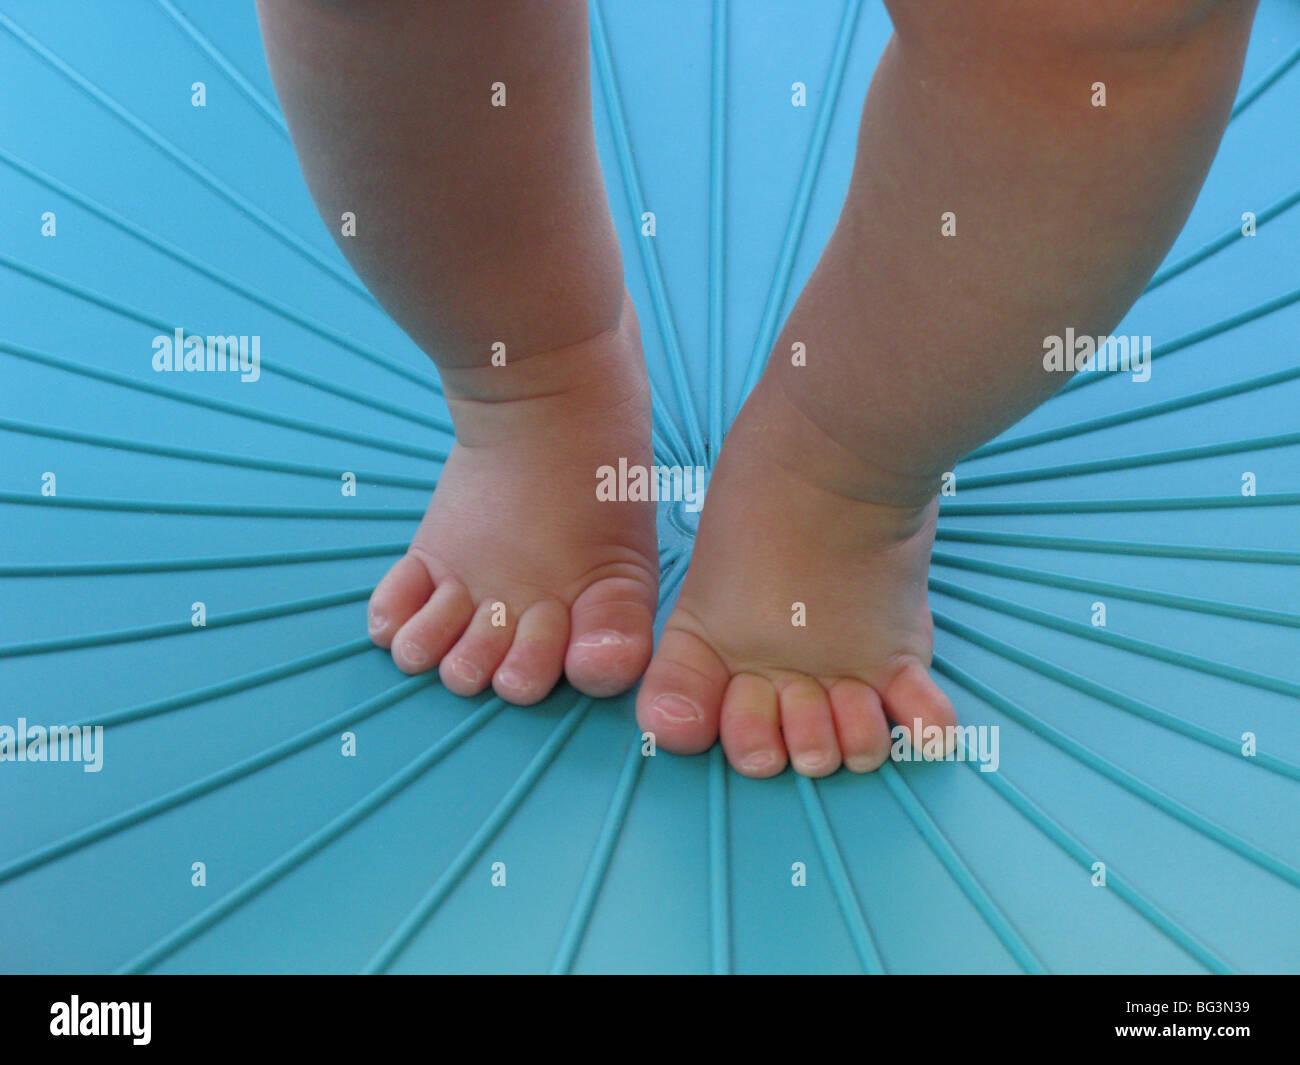 Gambe e piedi di un bambino ad imparare a camminare in un ambiente di blu Immagini Stock